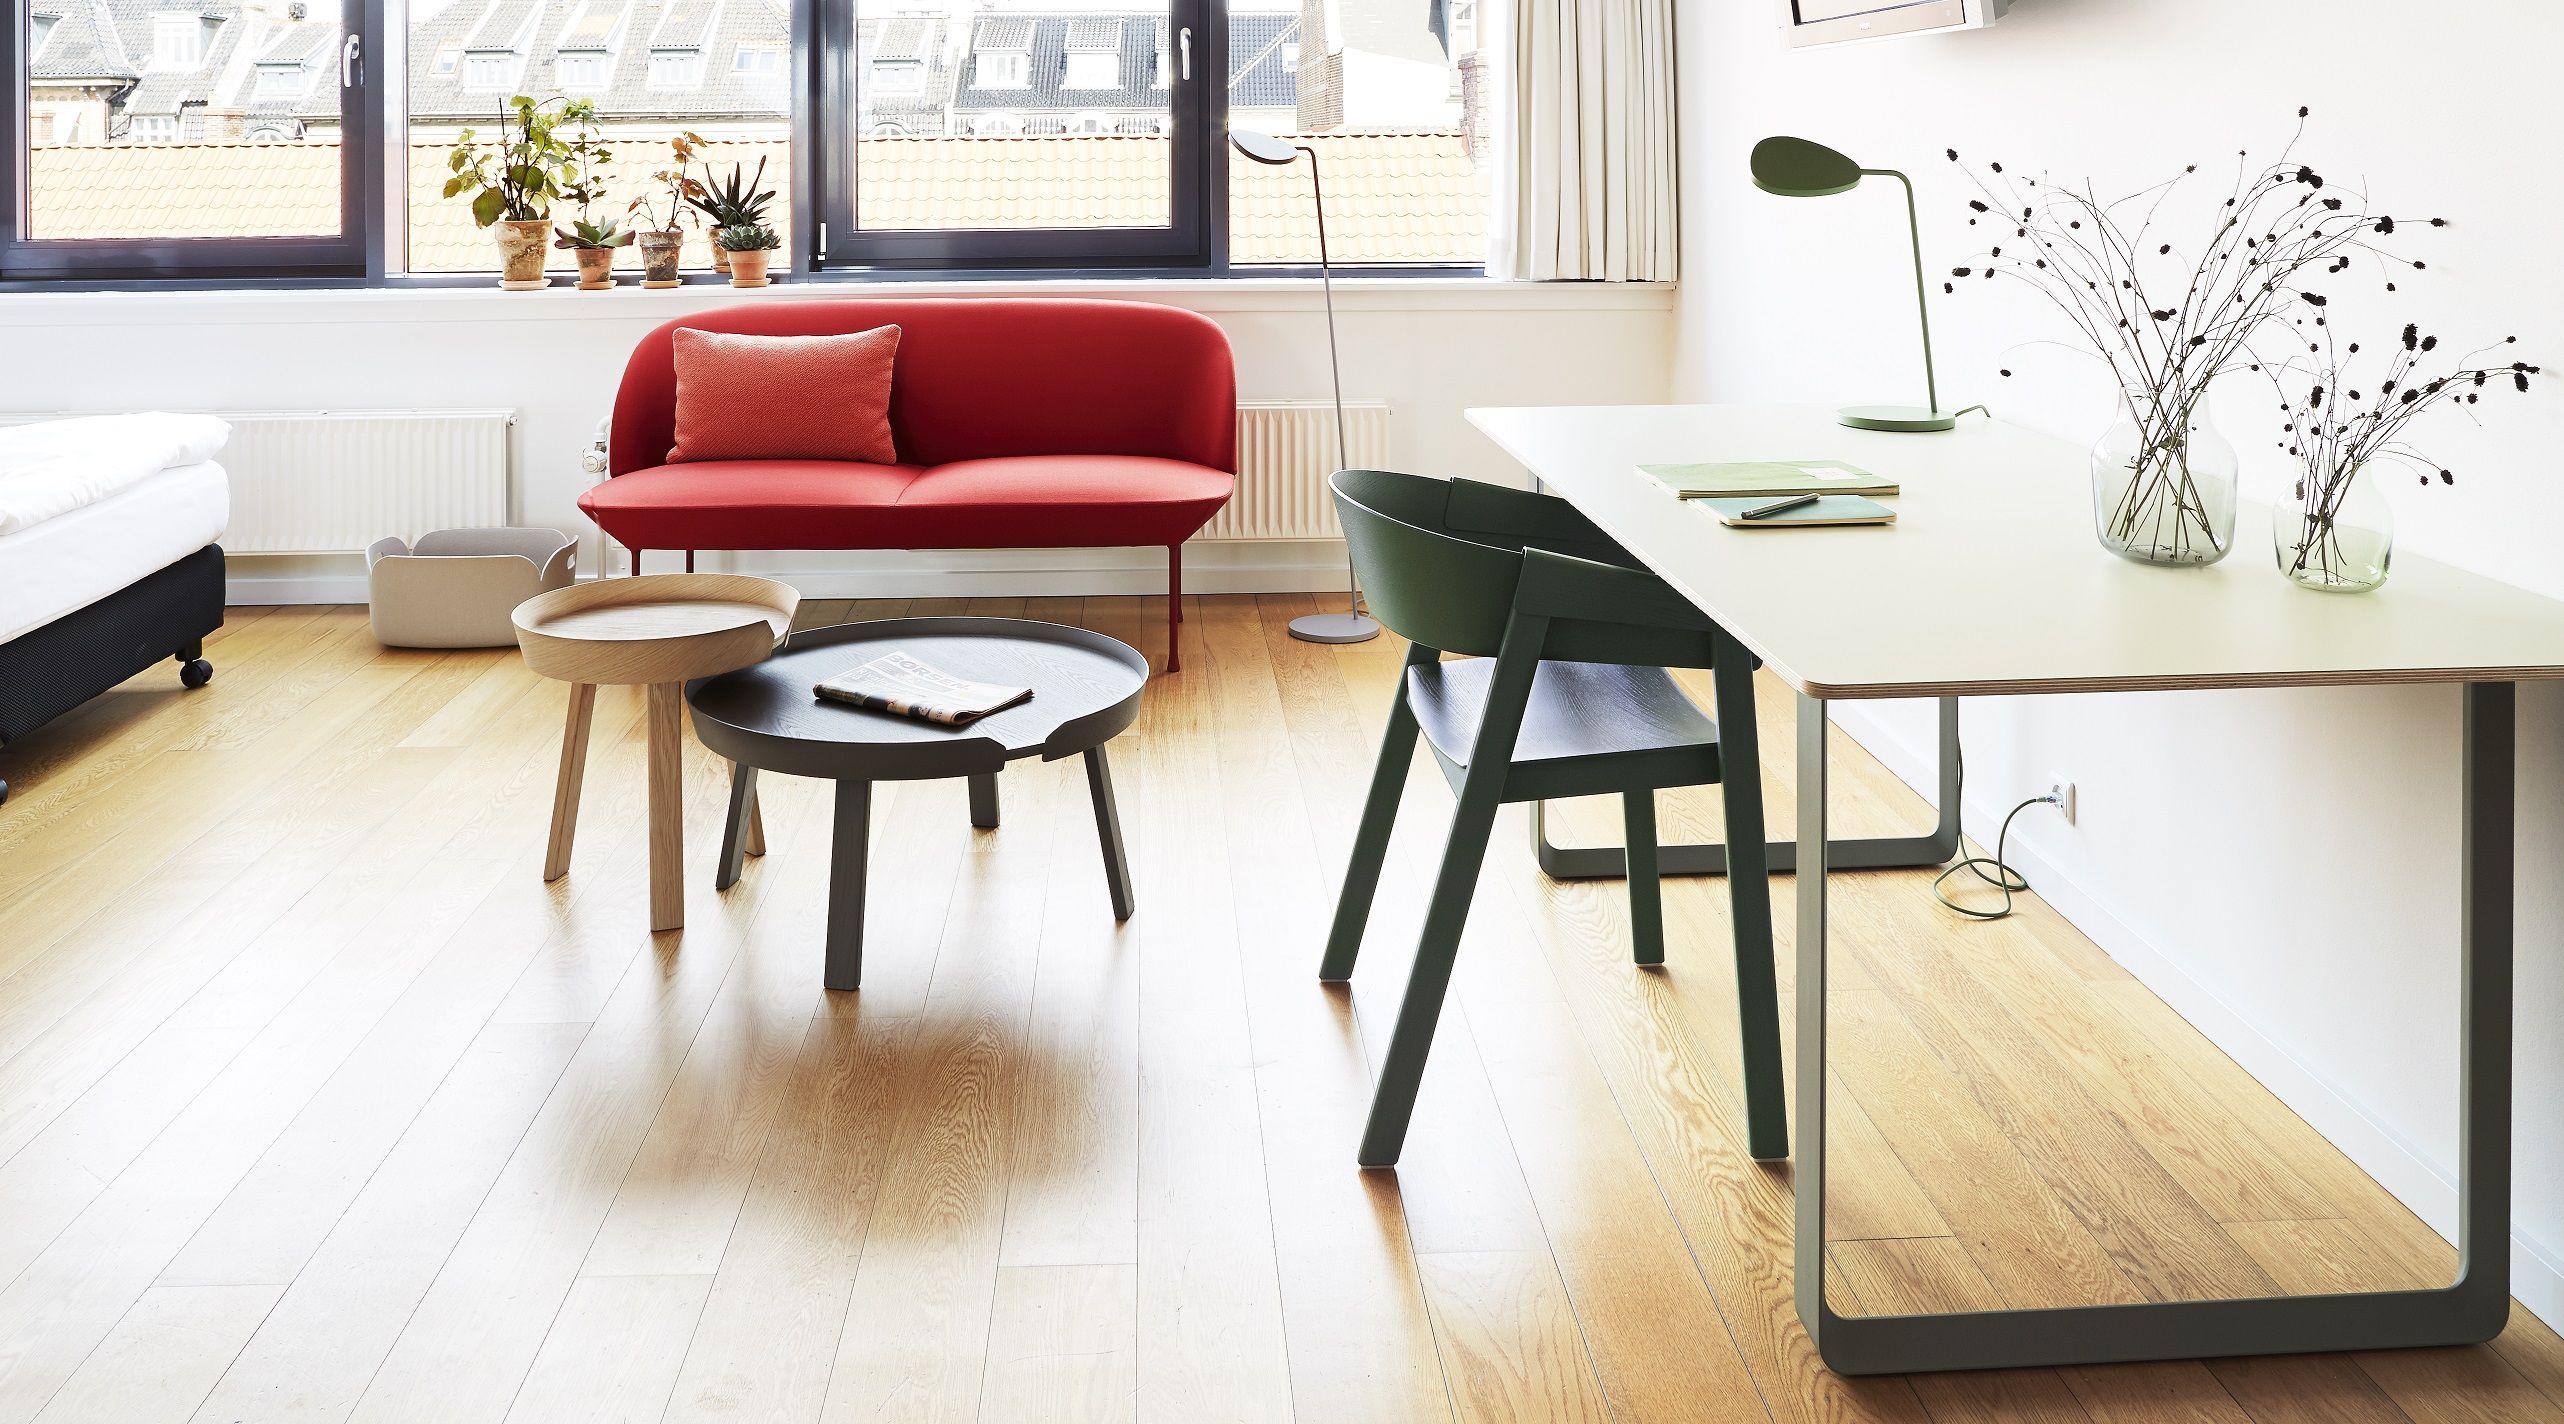 Punct Object Hamburg we love design: oslo von muuto | punct.object im stilwerk hamburg